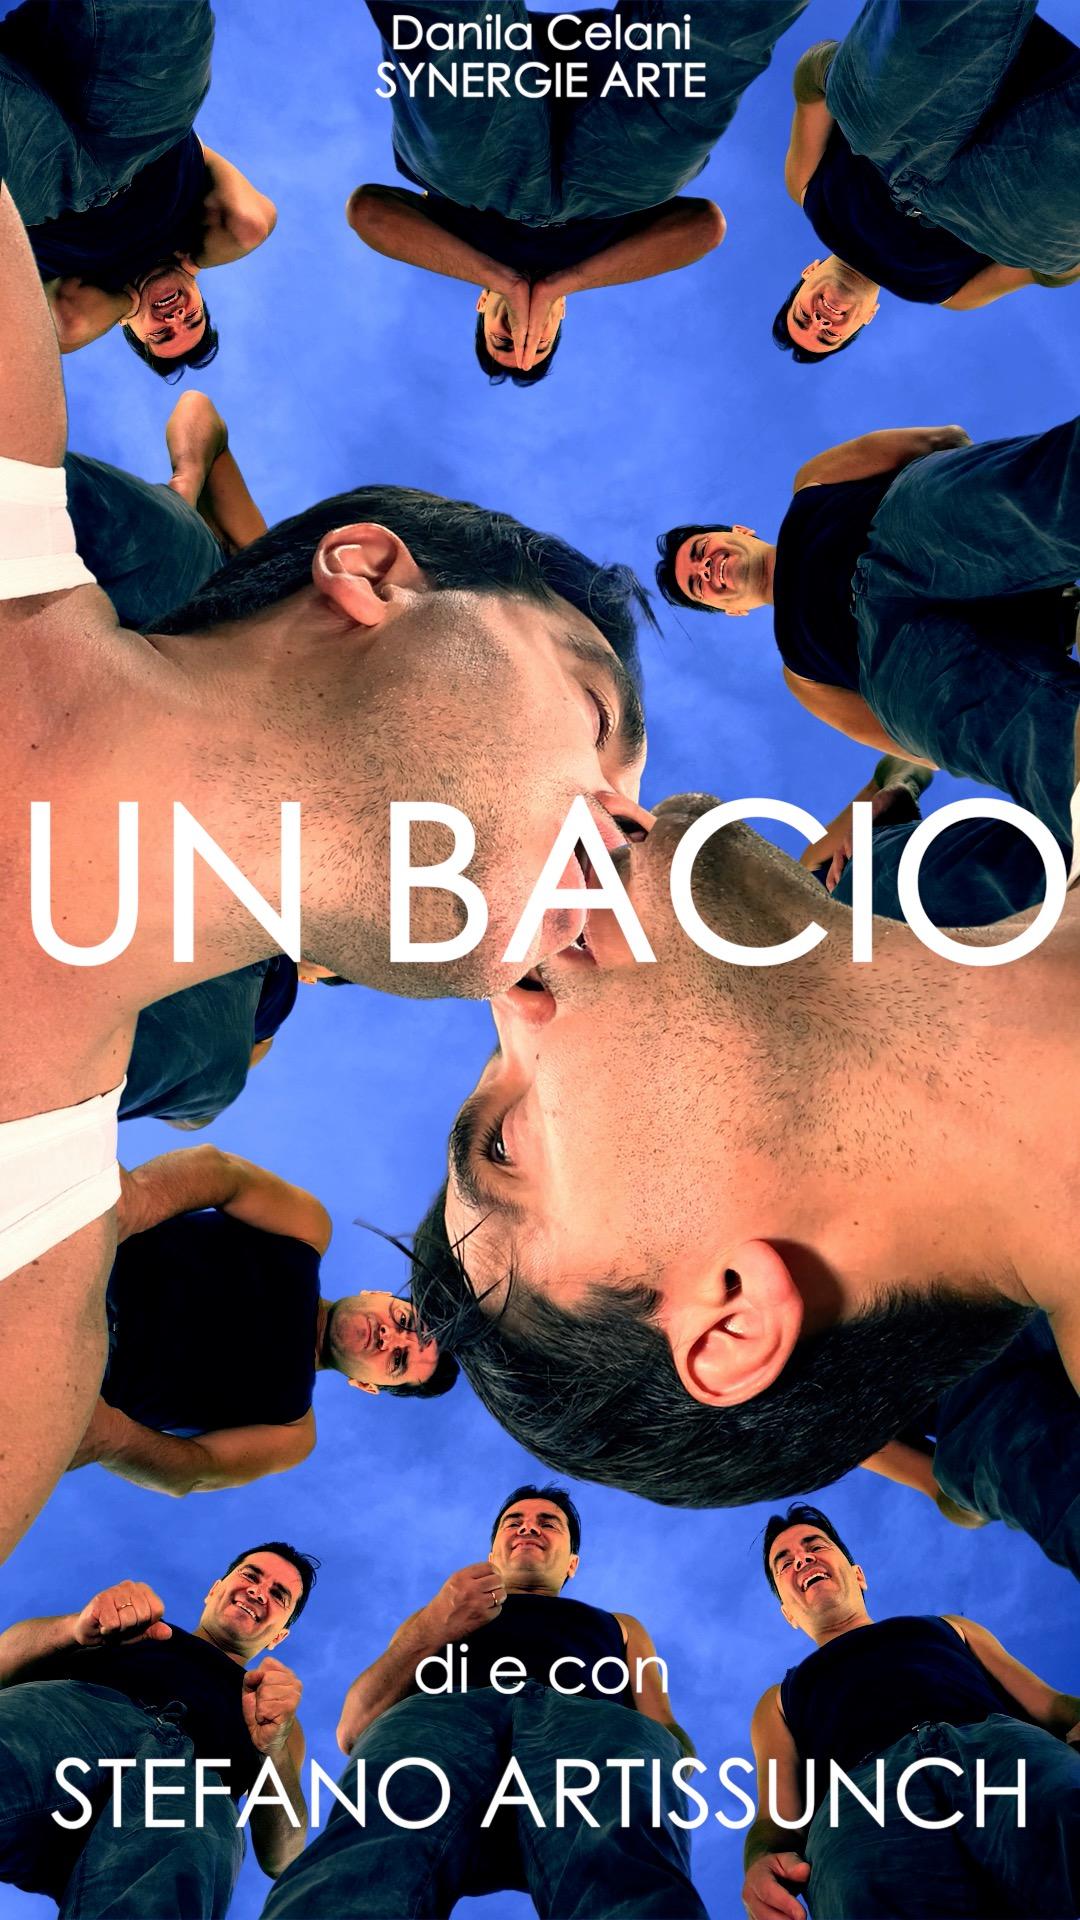 Carica la locandina: UN-BACIO-manifesto.jpg